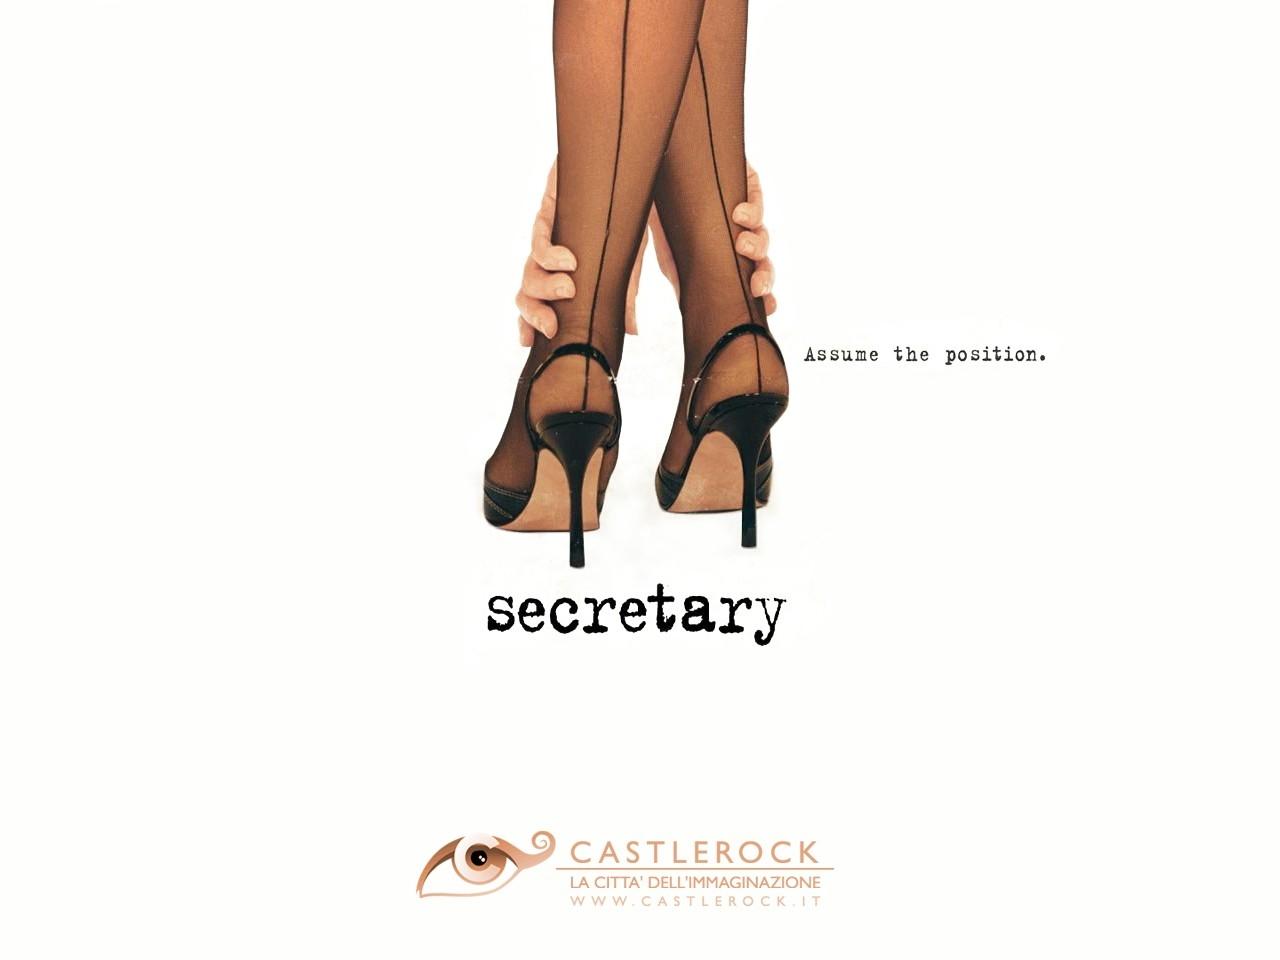 Wallpaper del film Secretary